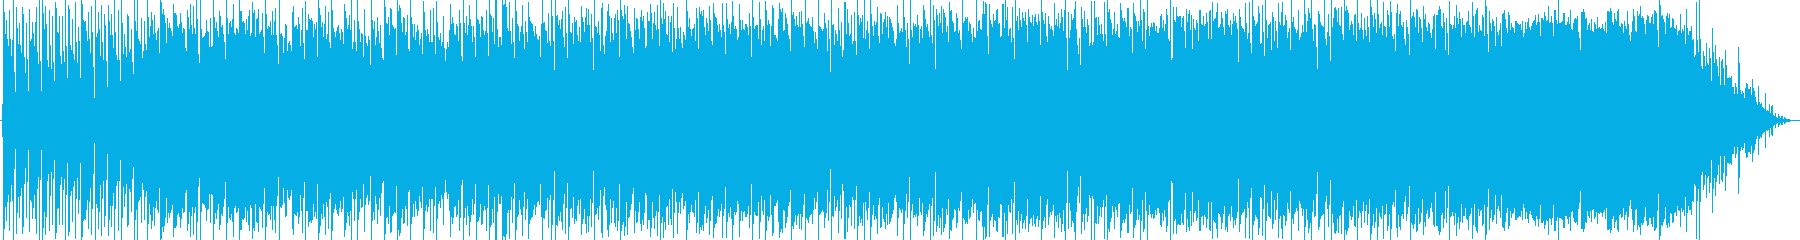 シンプルで楽しいの再生済みの波形